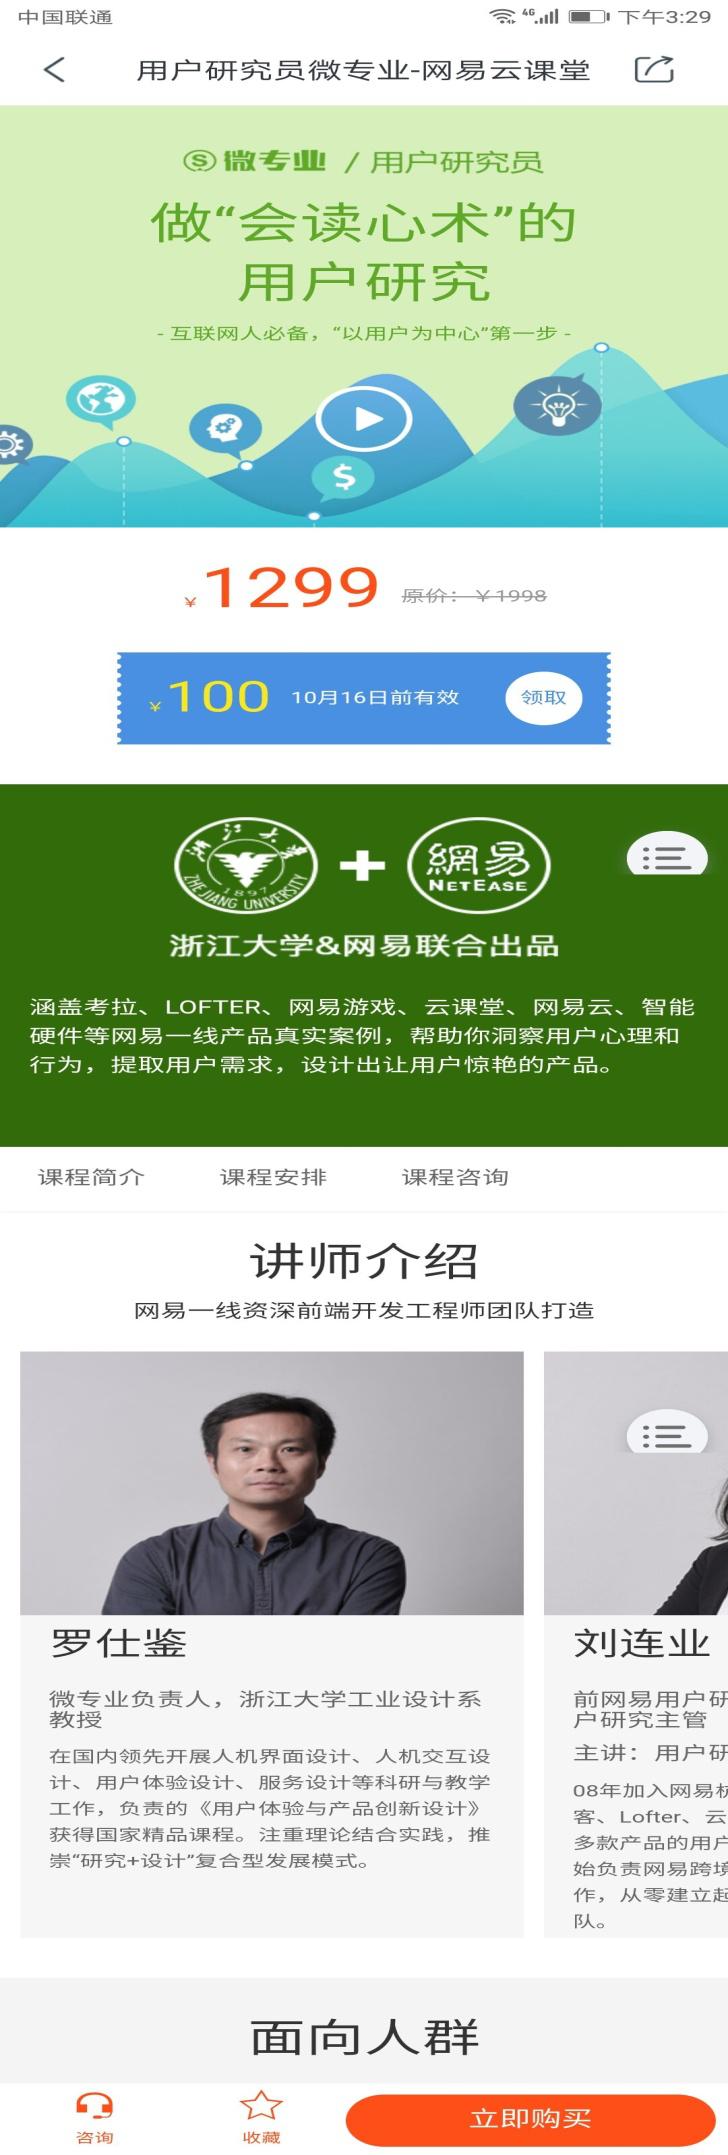 网易云课堂-微专业